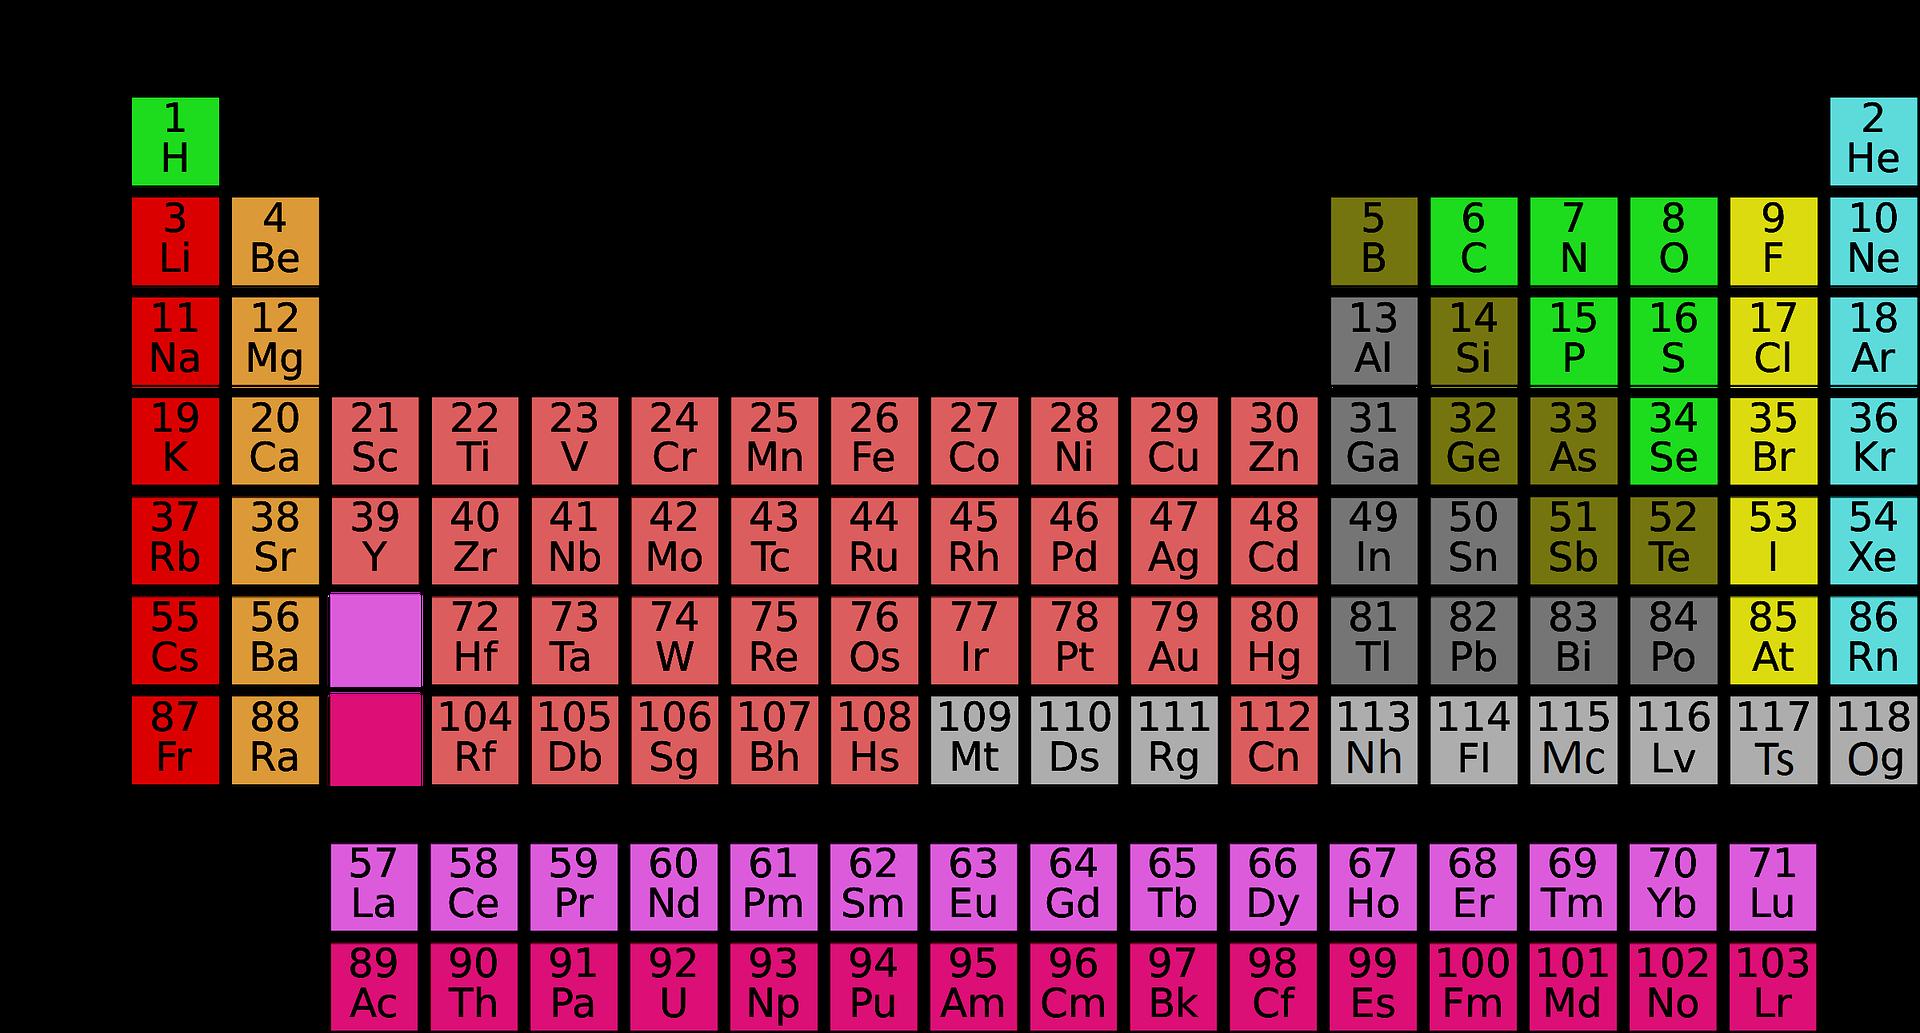 Tablica Mendelejewa – jak najszybciej nauczyć się układu okresowego pierwiastków?